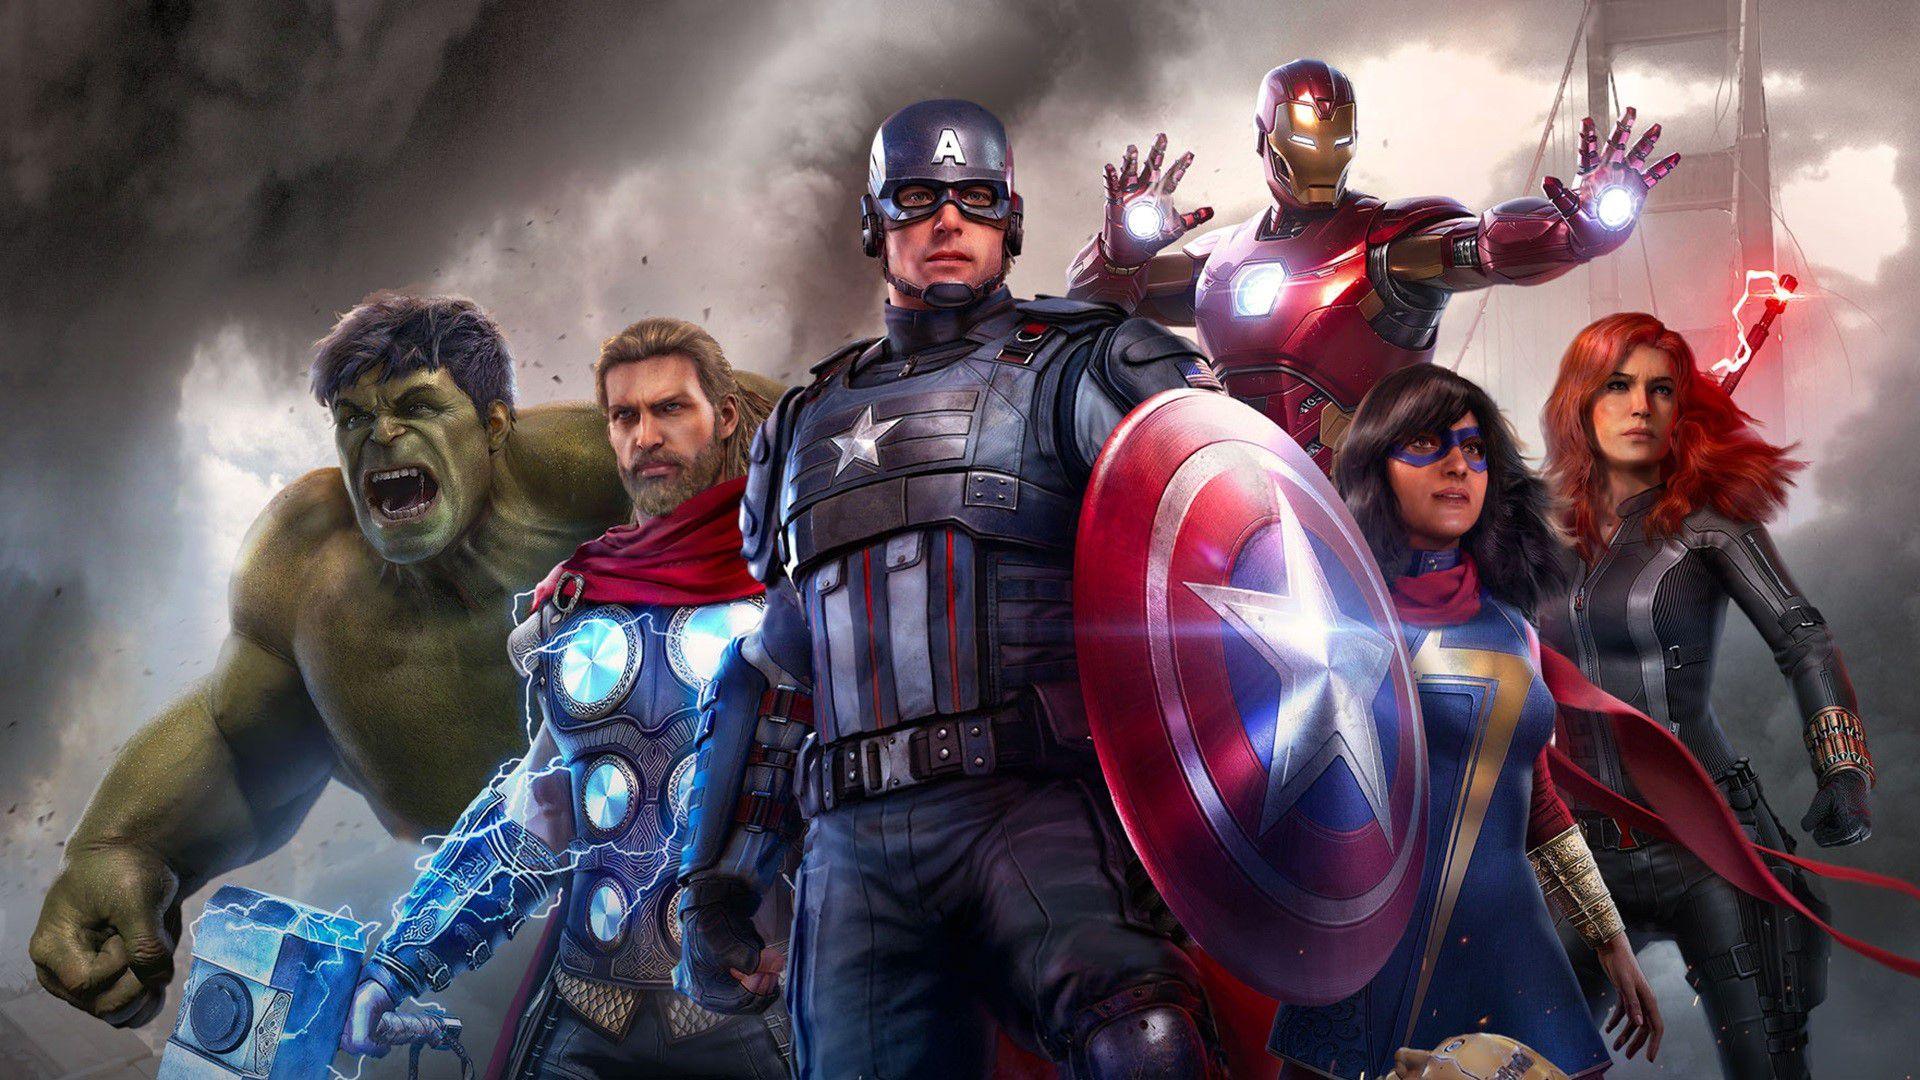 El videojuego Marvel's Avengers figura entre los títulos de 2020 más vendidos en Steam